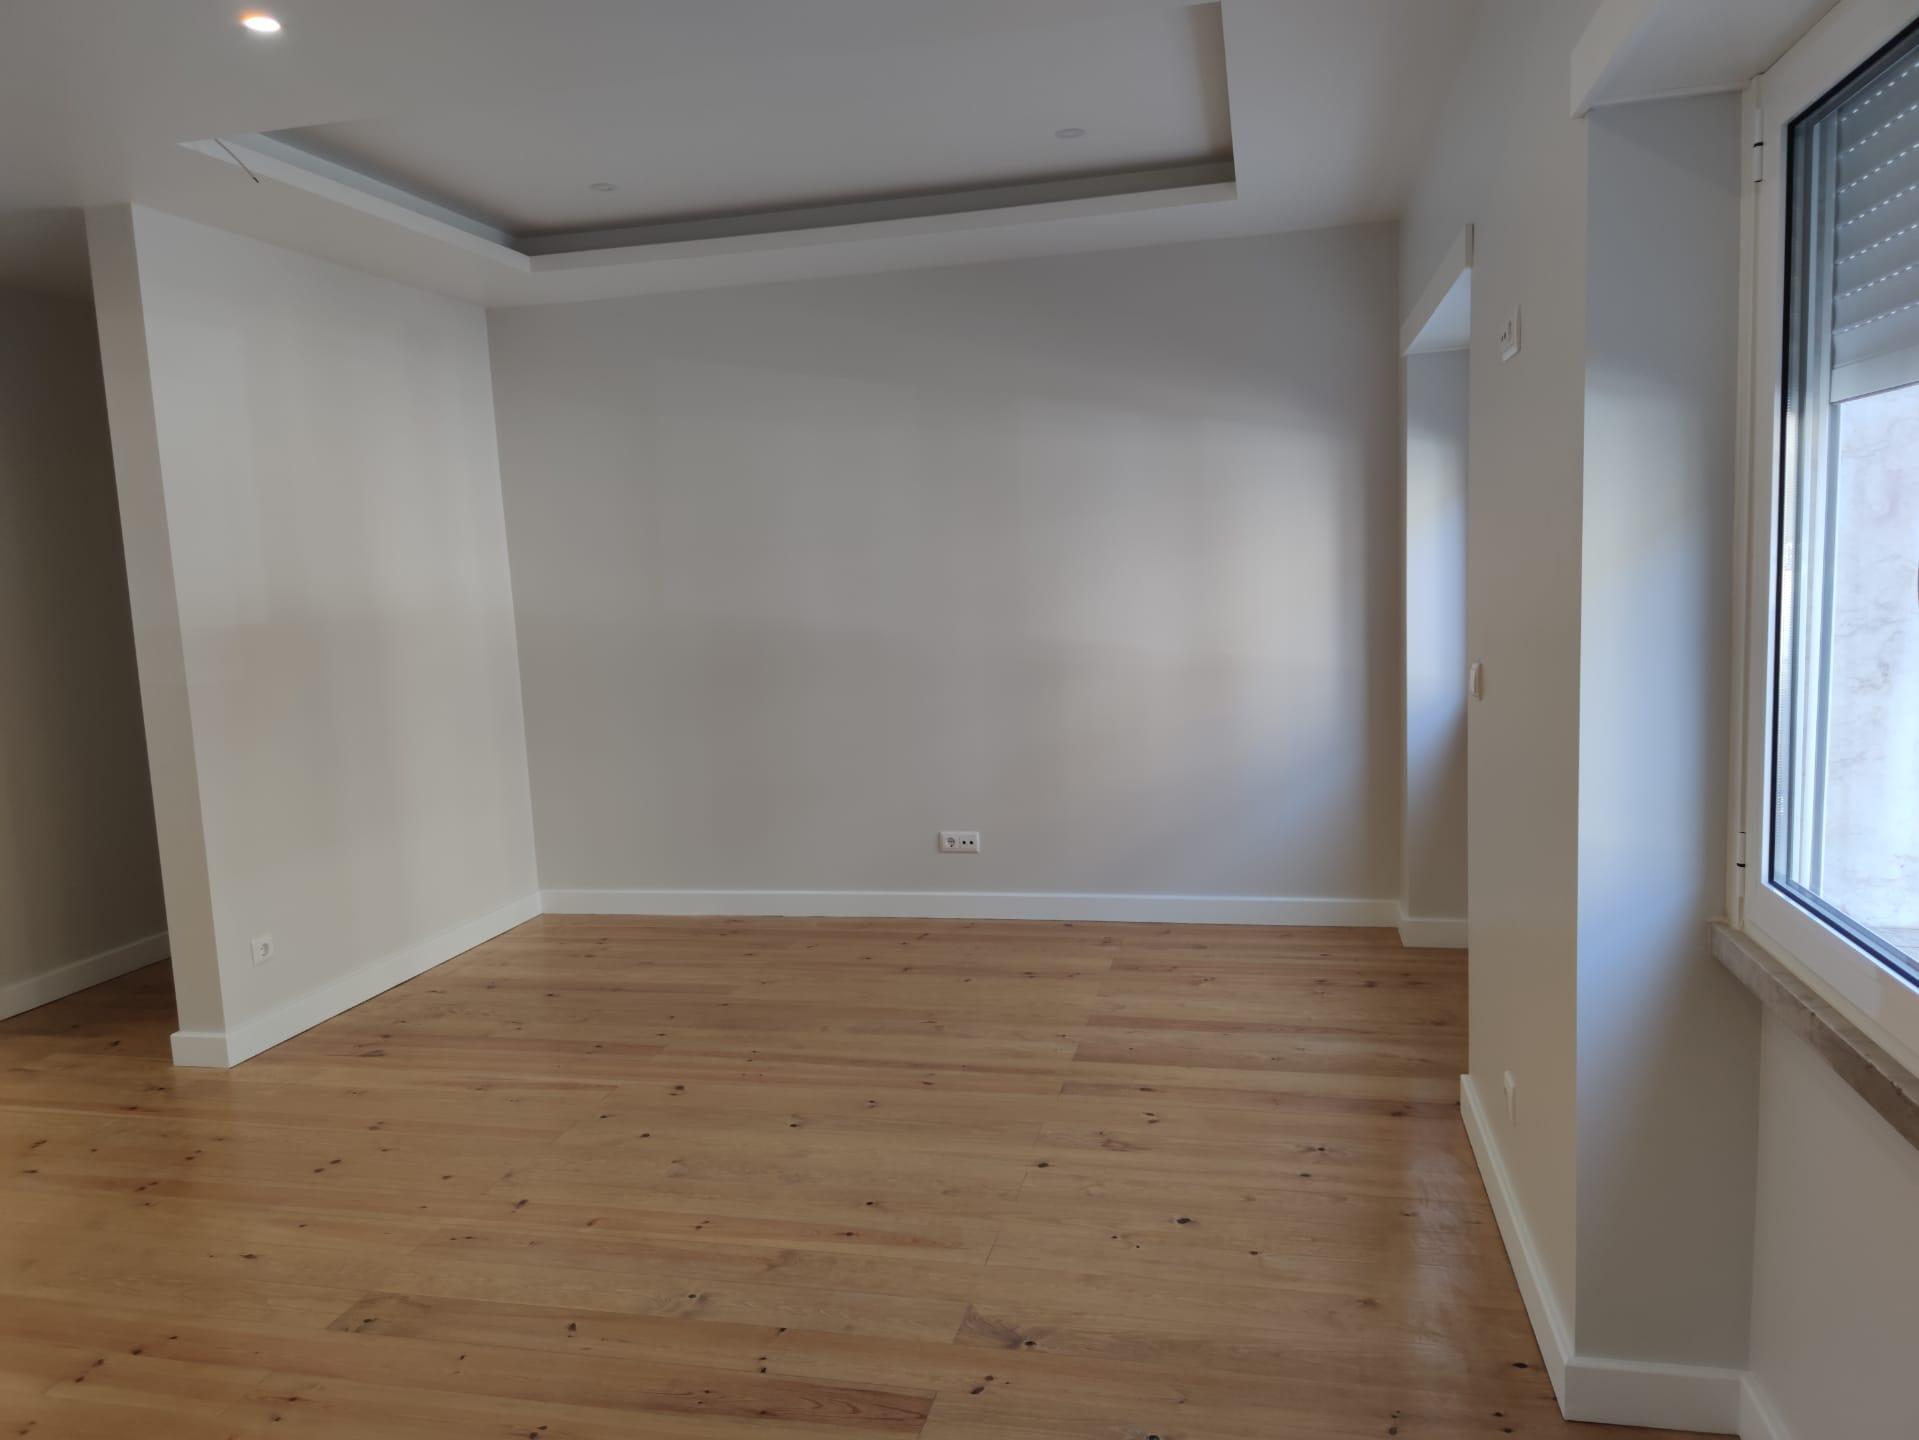 Remodelled Apartment in Olival Basto (Olival Basto) – 82 m²